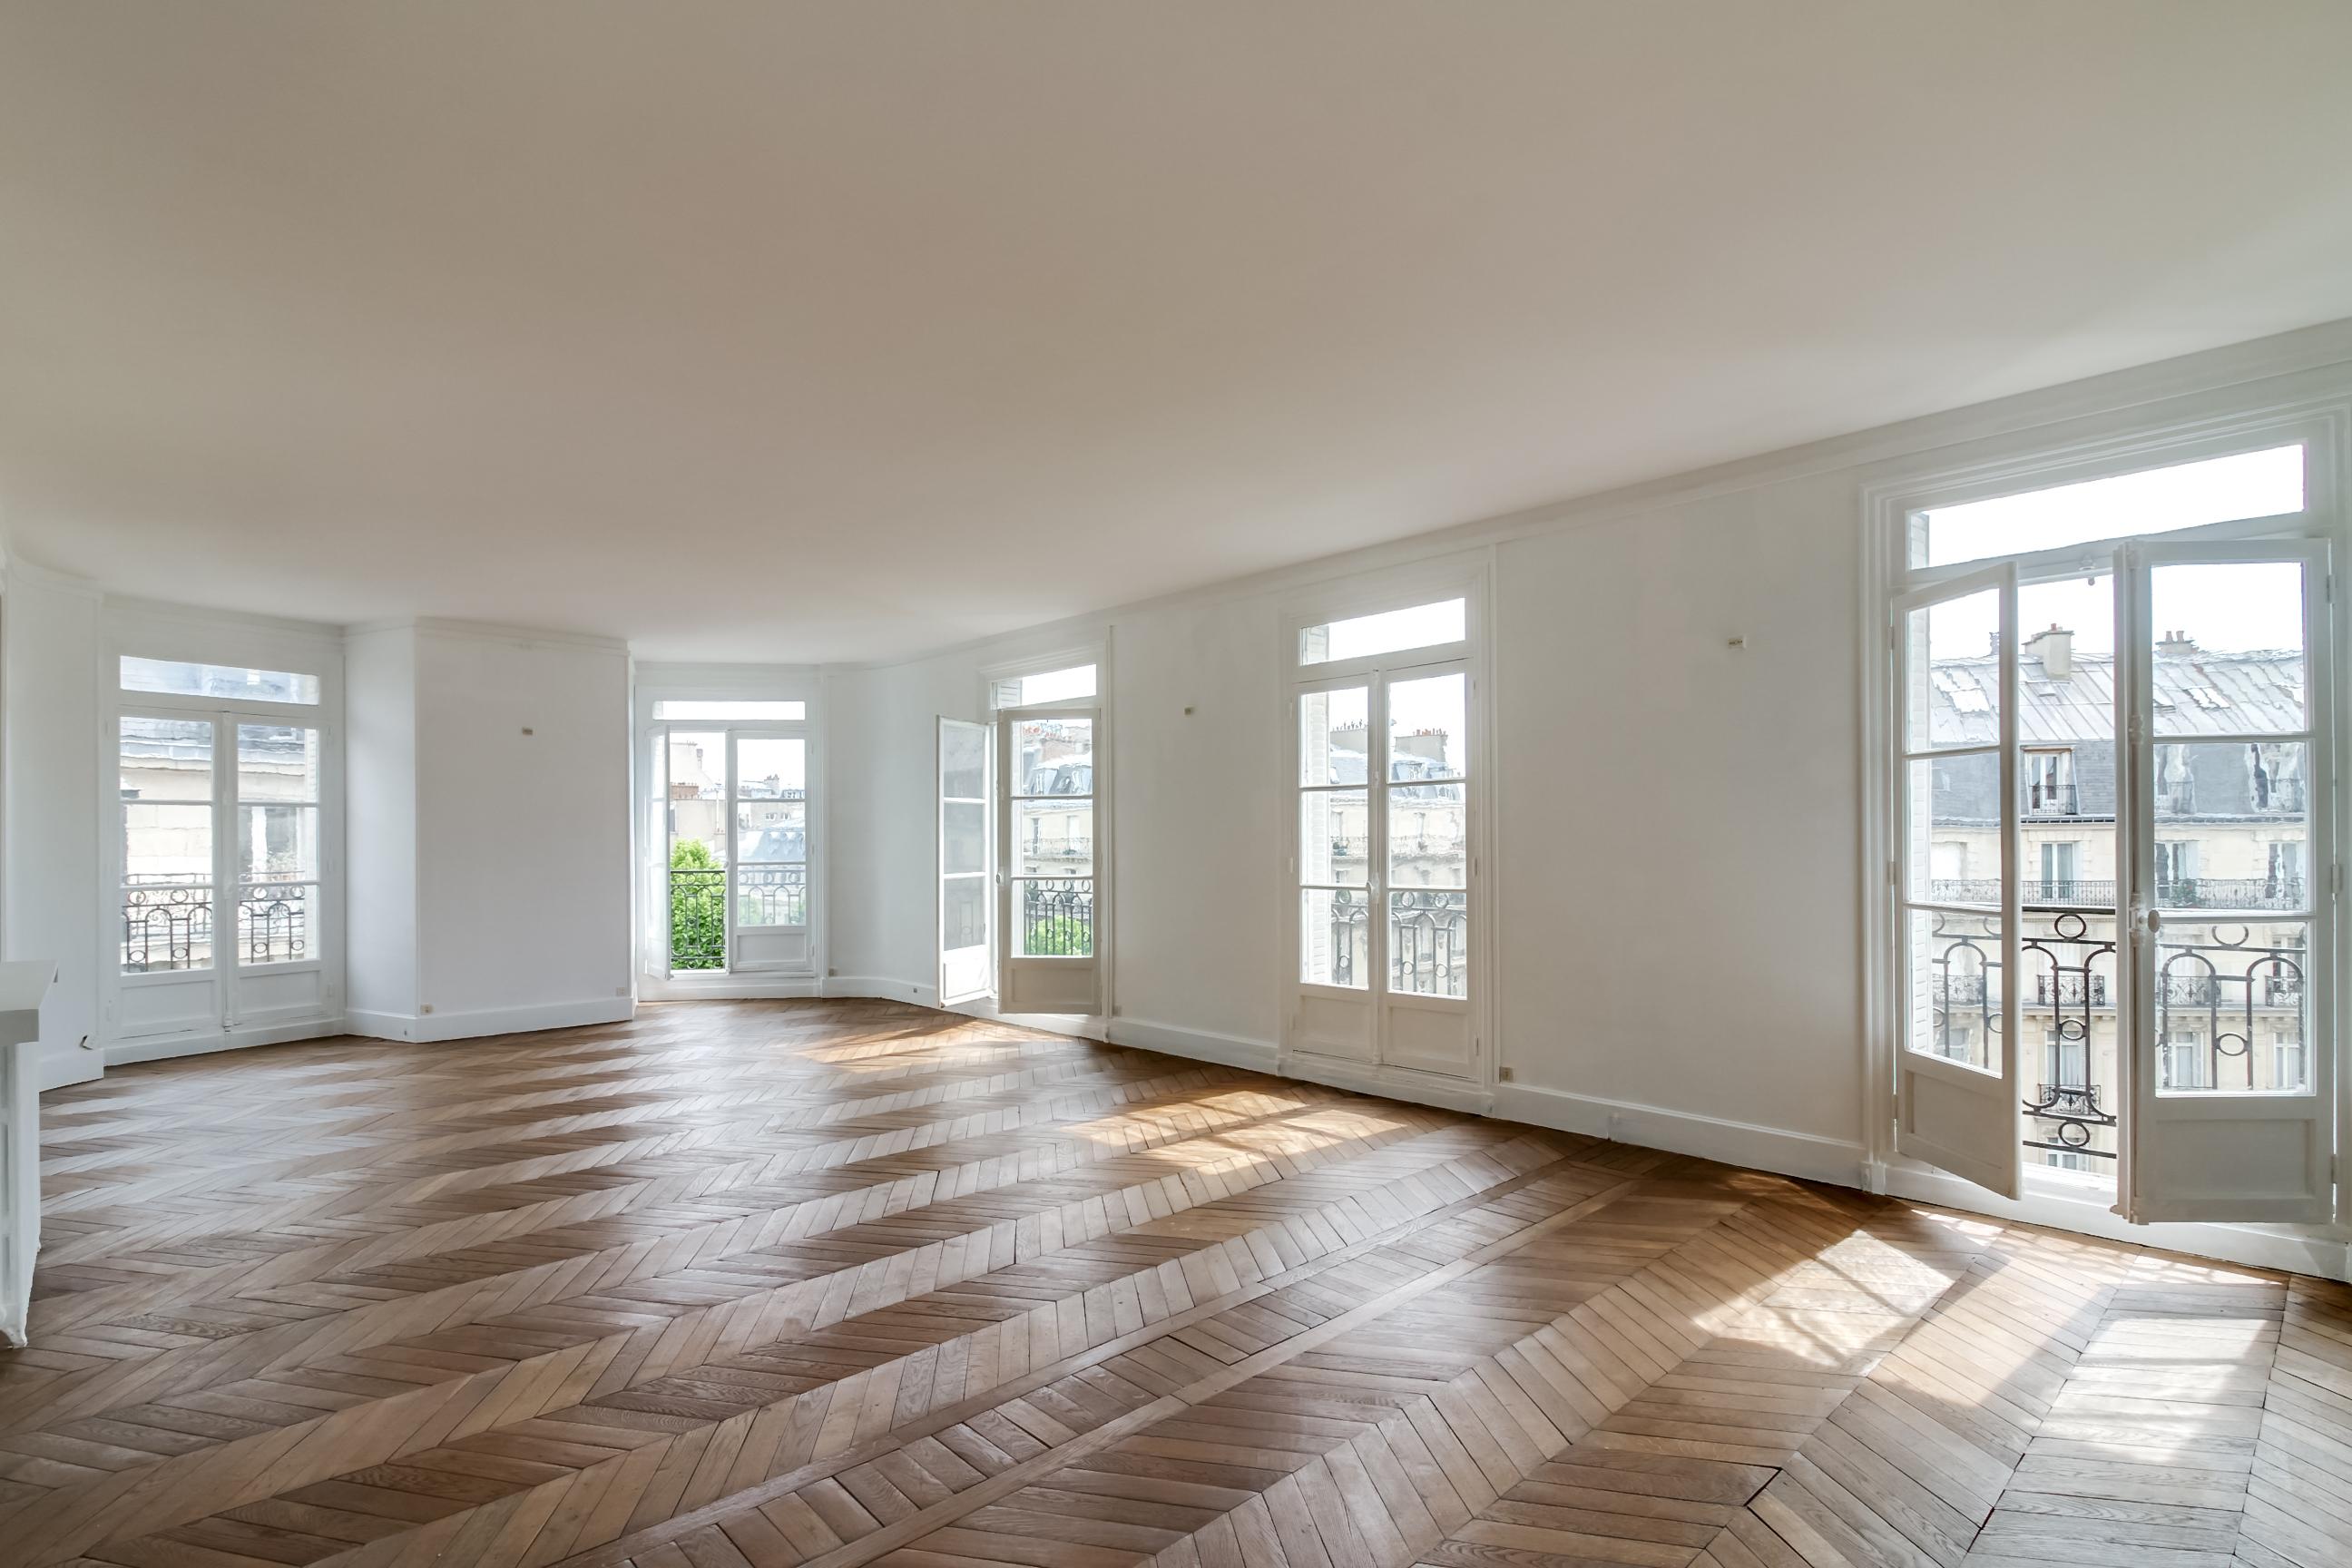 PARIS 16ème Kléber. Appartement de prestige  aux volumes généreux dans un bel immeuble Haussmannien de grand standing